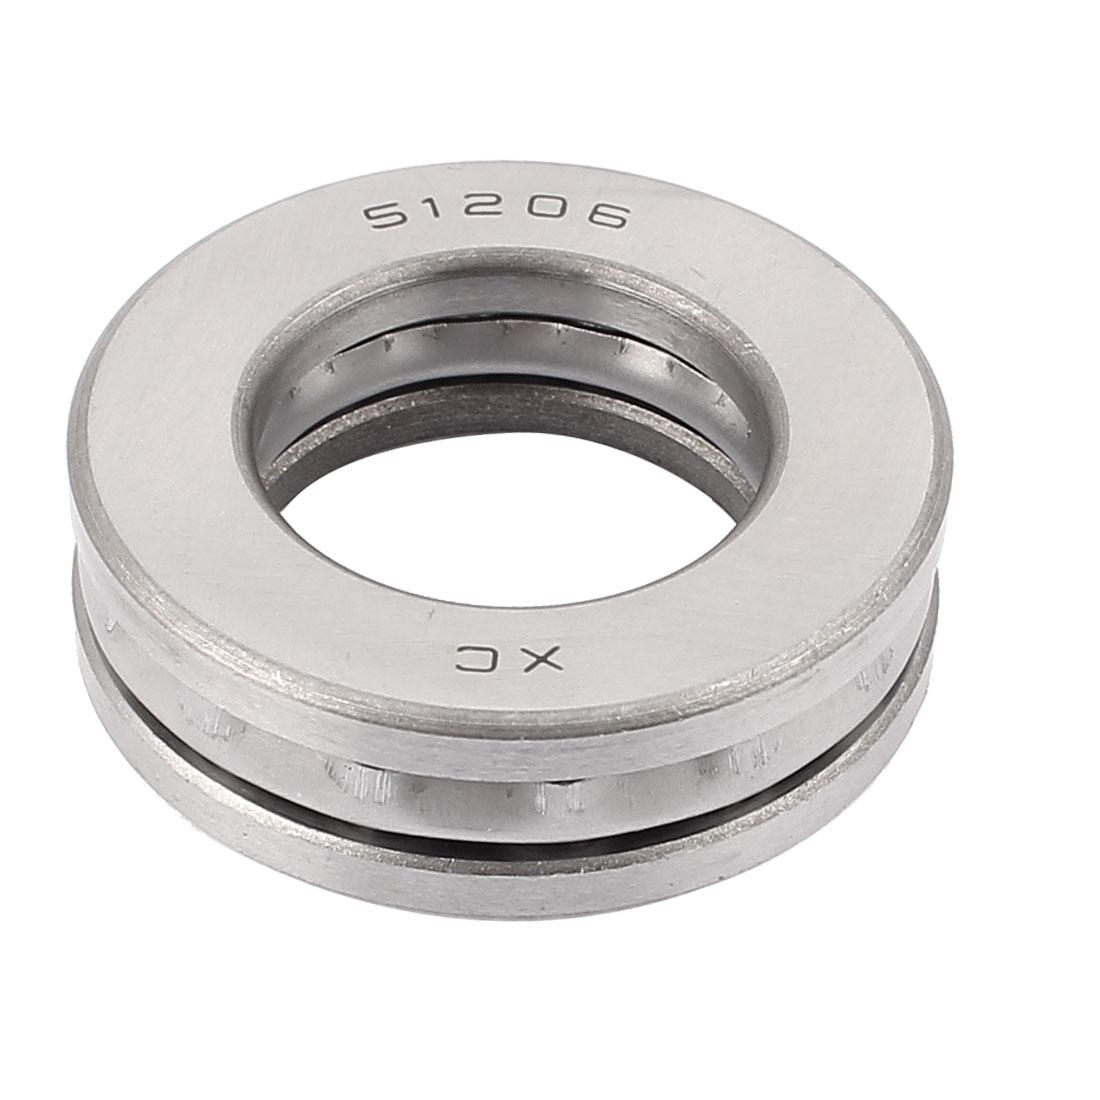 51206 Carbon Steel Axial Thrust Ball Bearing 30mmx52mmx16mm